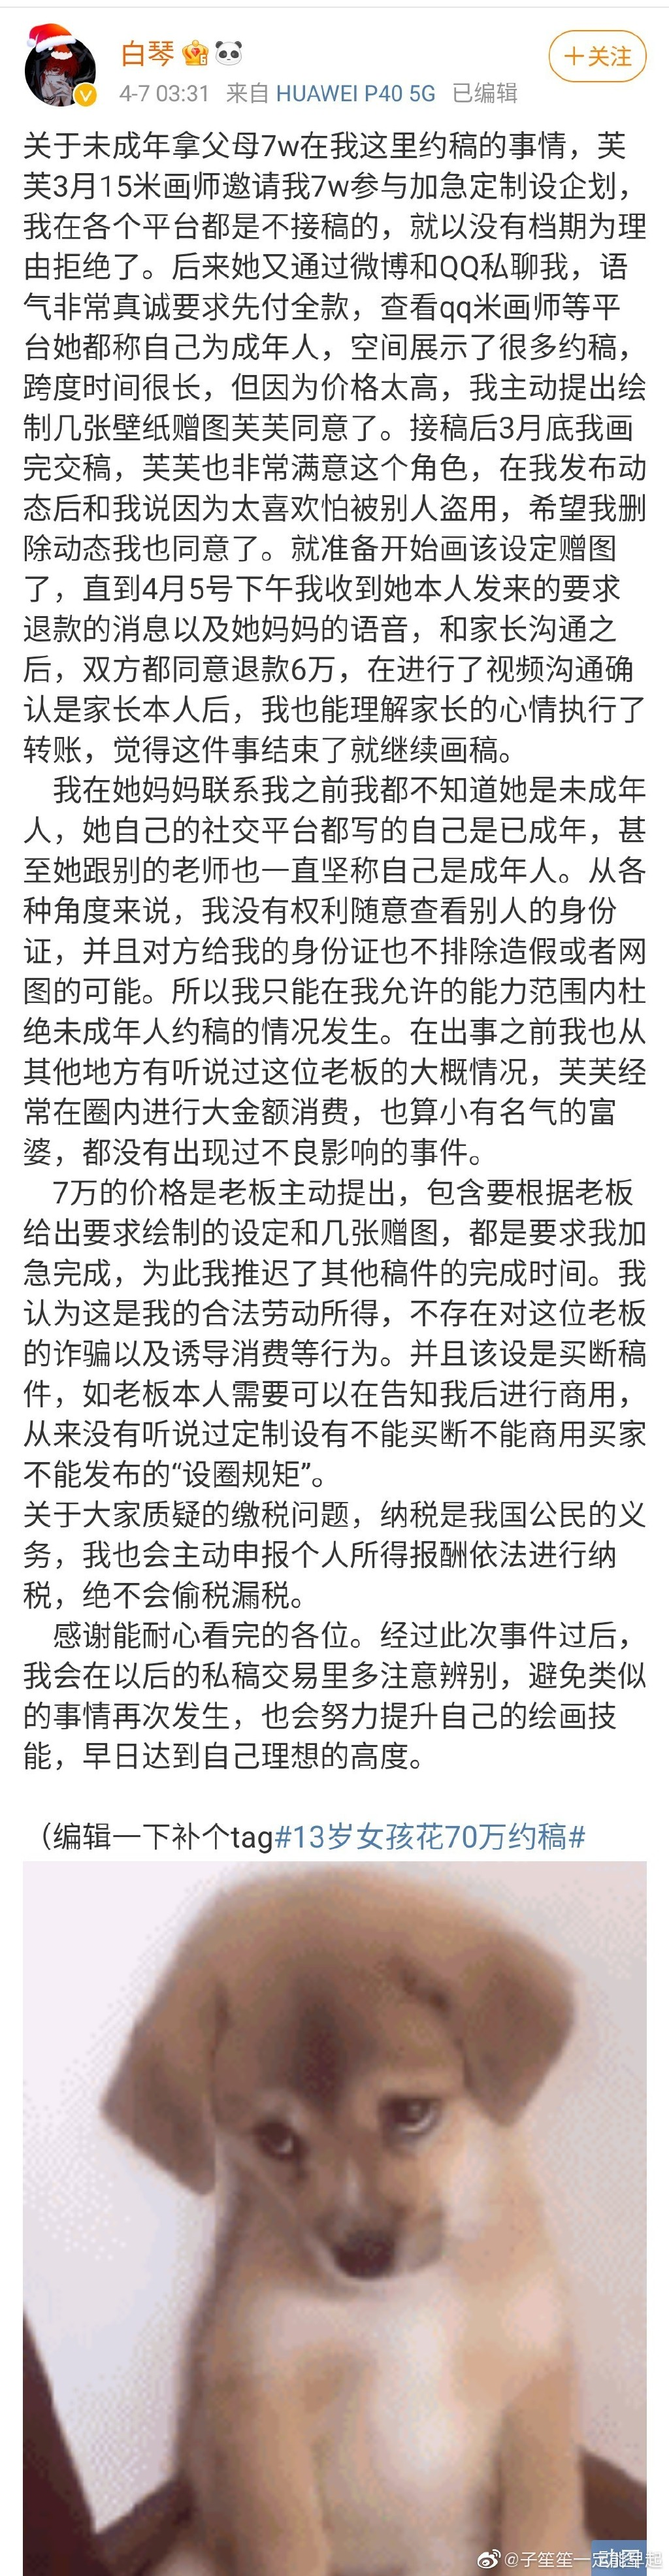 天悦登录13岁女孩花70万约稿 家长要求全额退款 否则实名举报